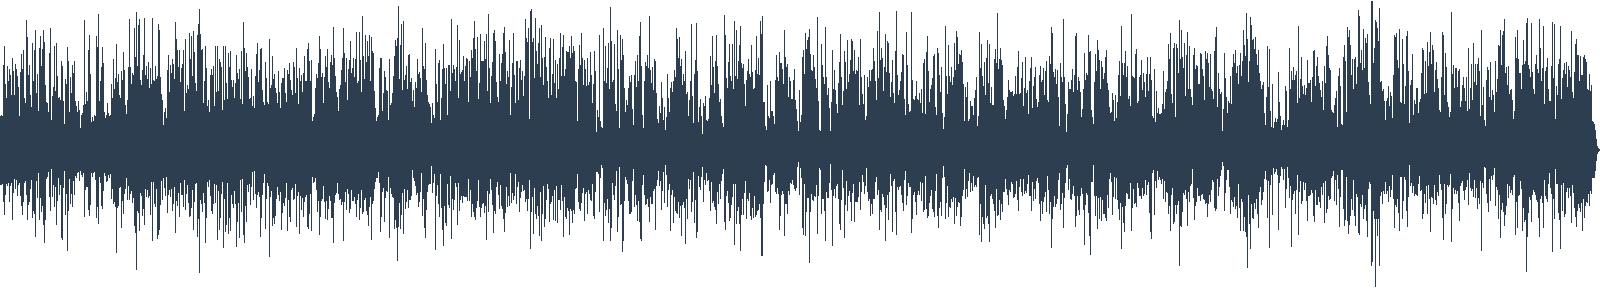 #90 S tajnými detaily o Dominiku Dánovi waveform